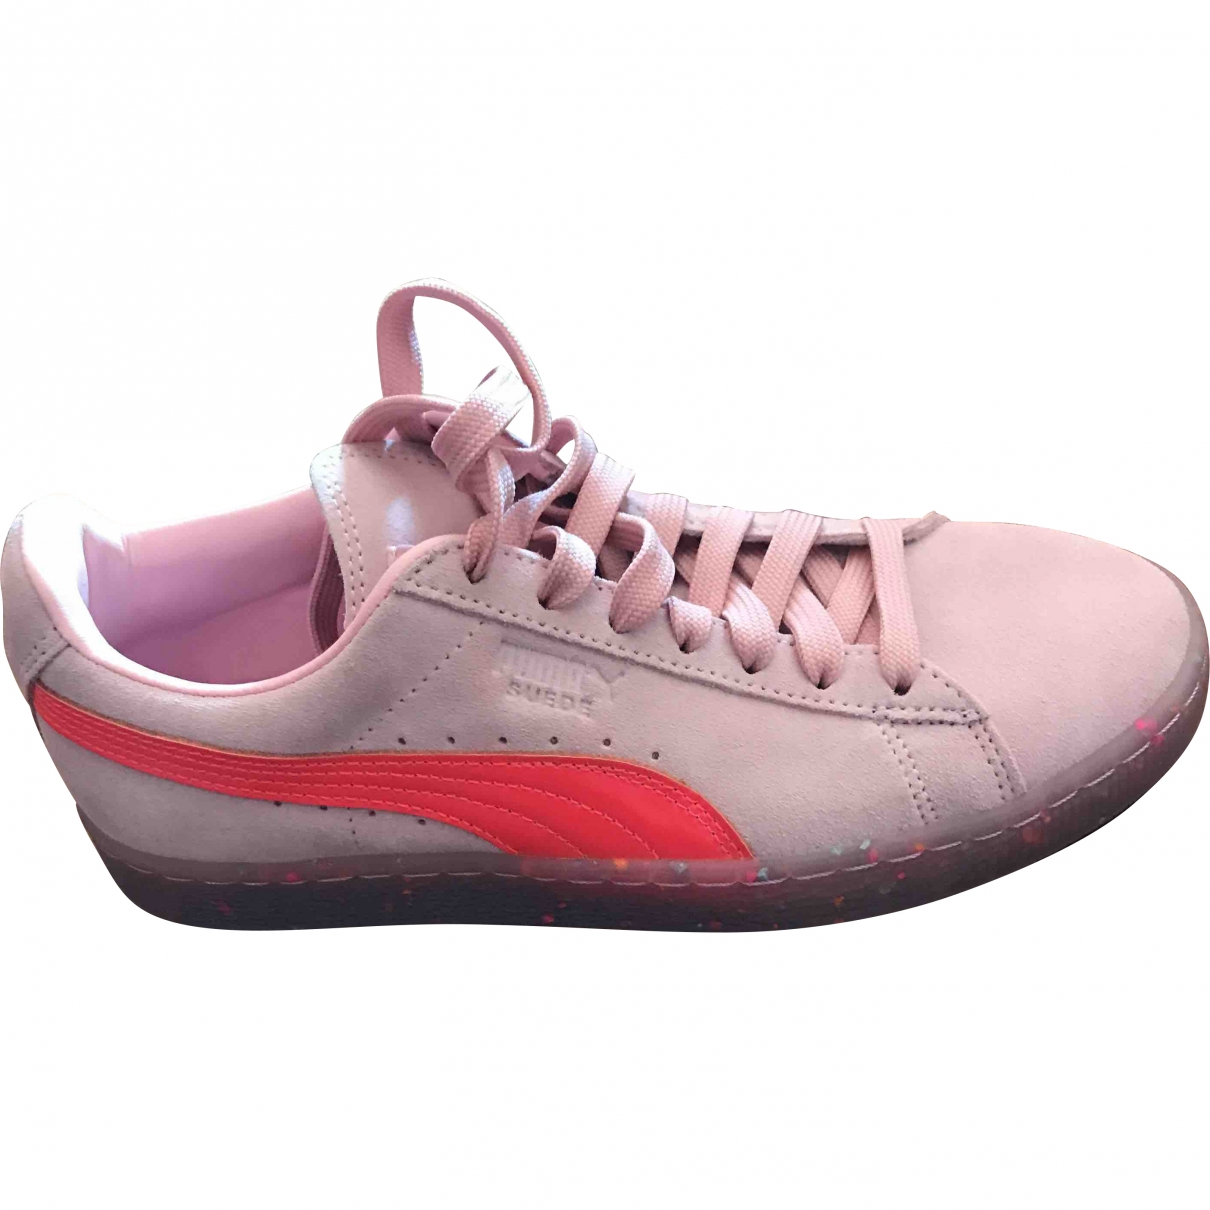 Puma - Baskets   pour femme en cuir verni - rose